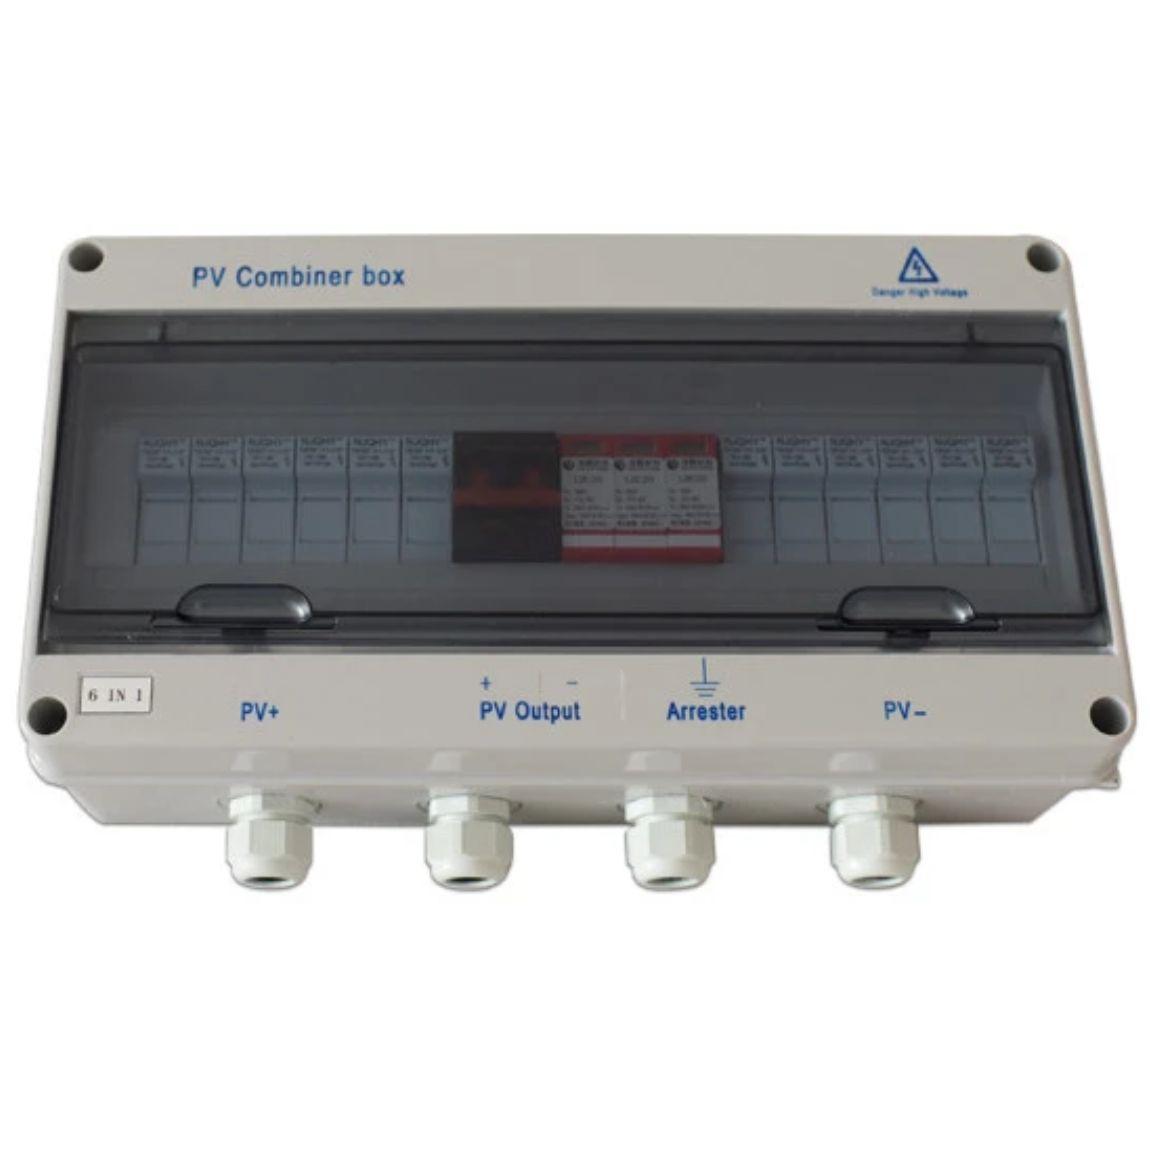 صندوق توصيل مقاوم للماء 5 في 1 ، 6 في 1 ، صندوق توزيع الطاقة الشمسية